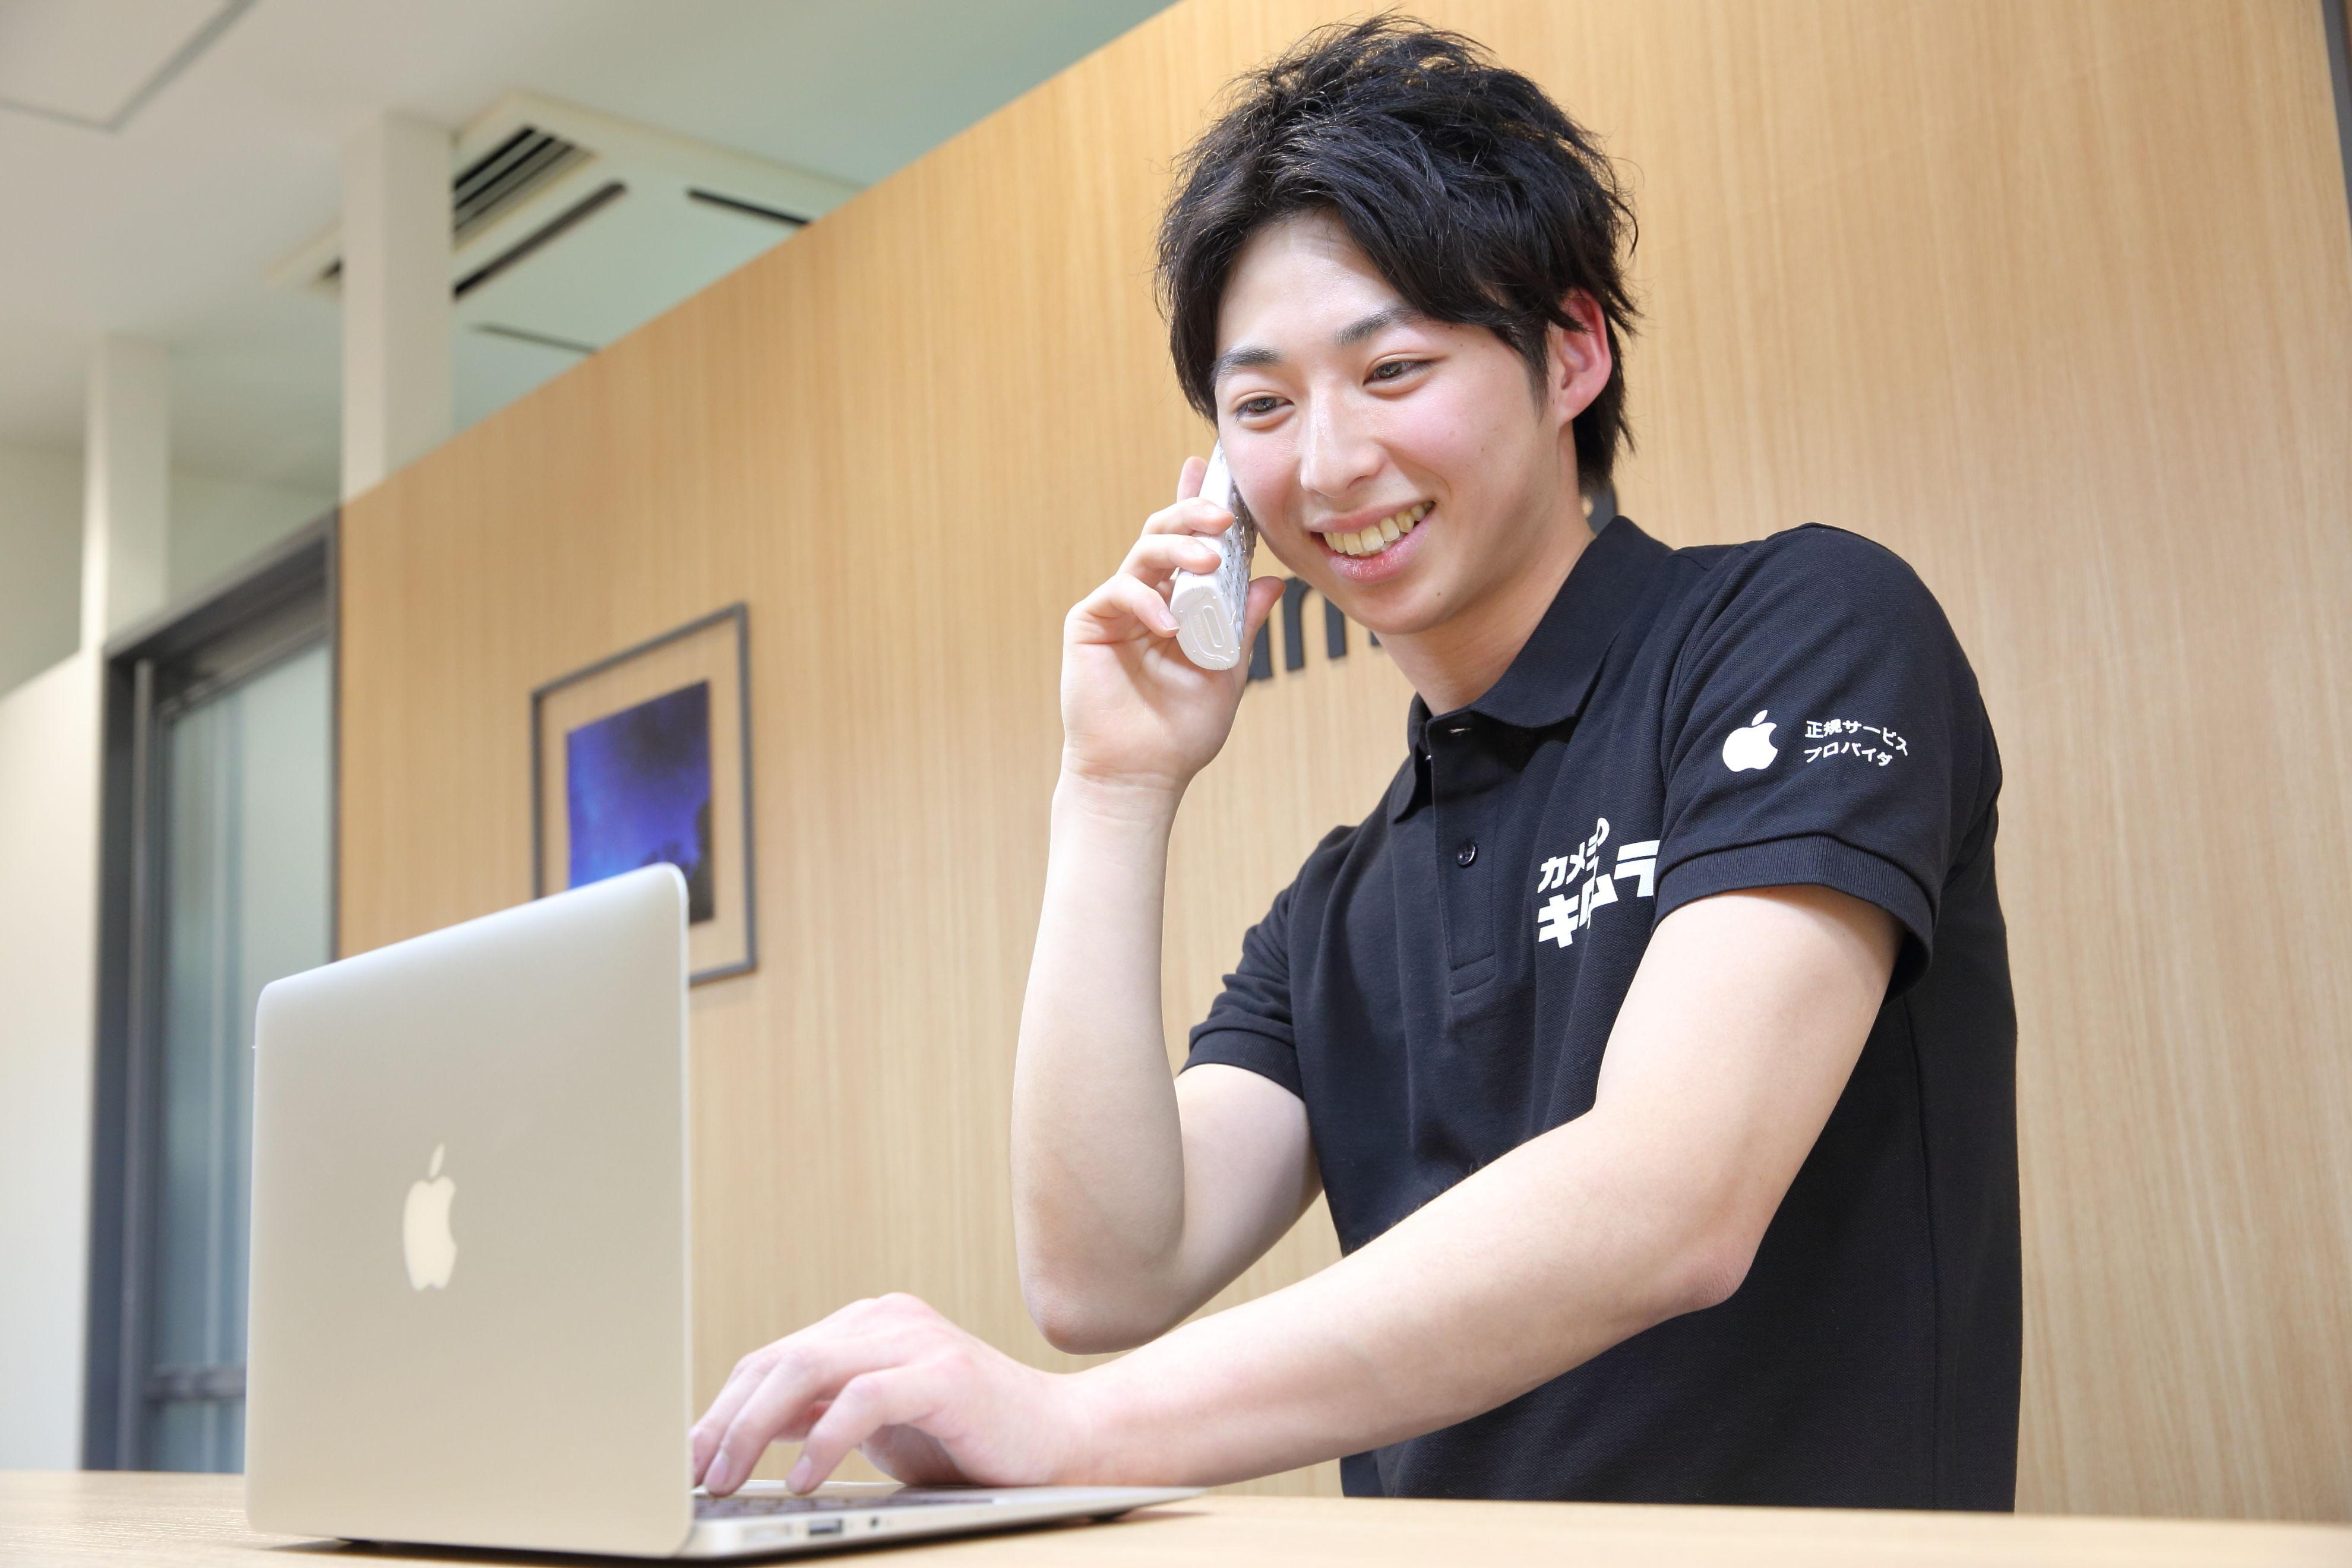 カメラのキタムラ アップル製品サービス 福井/バイパス南店 のアルバイト情報